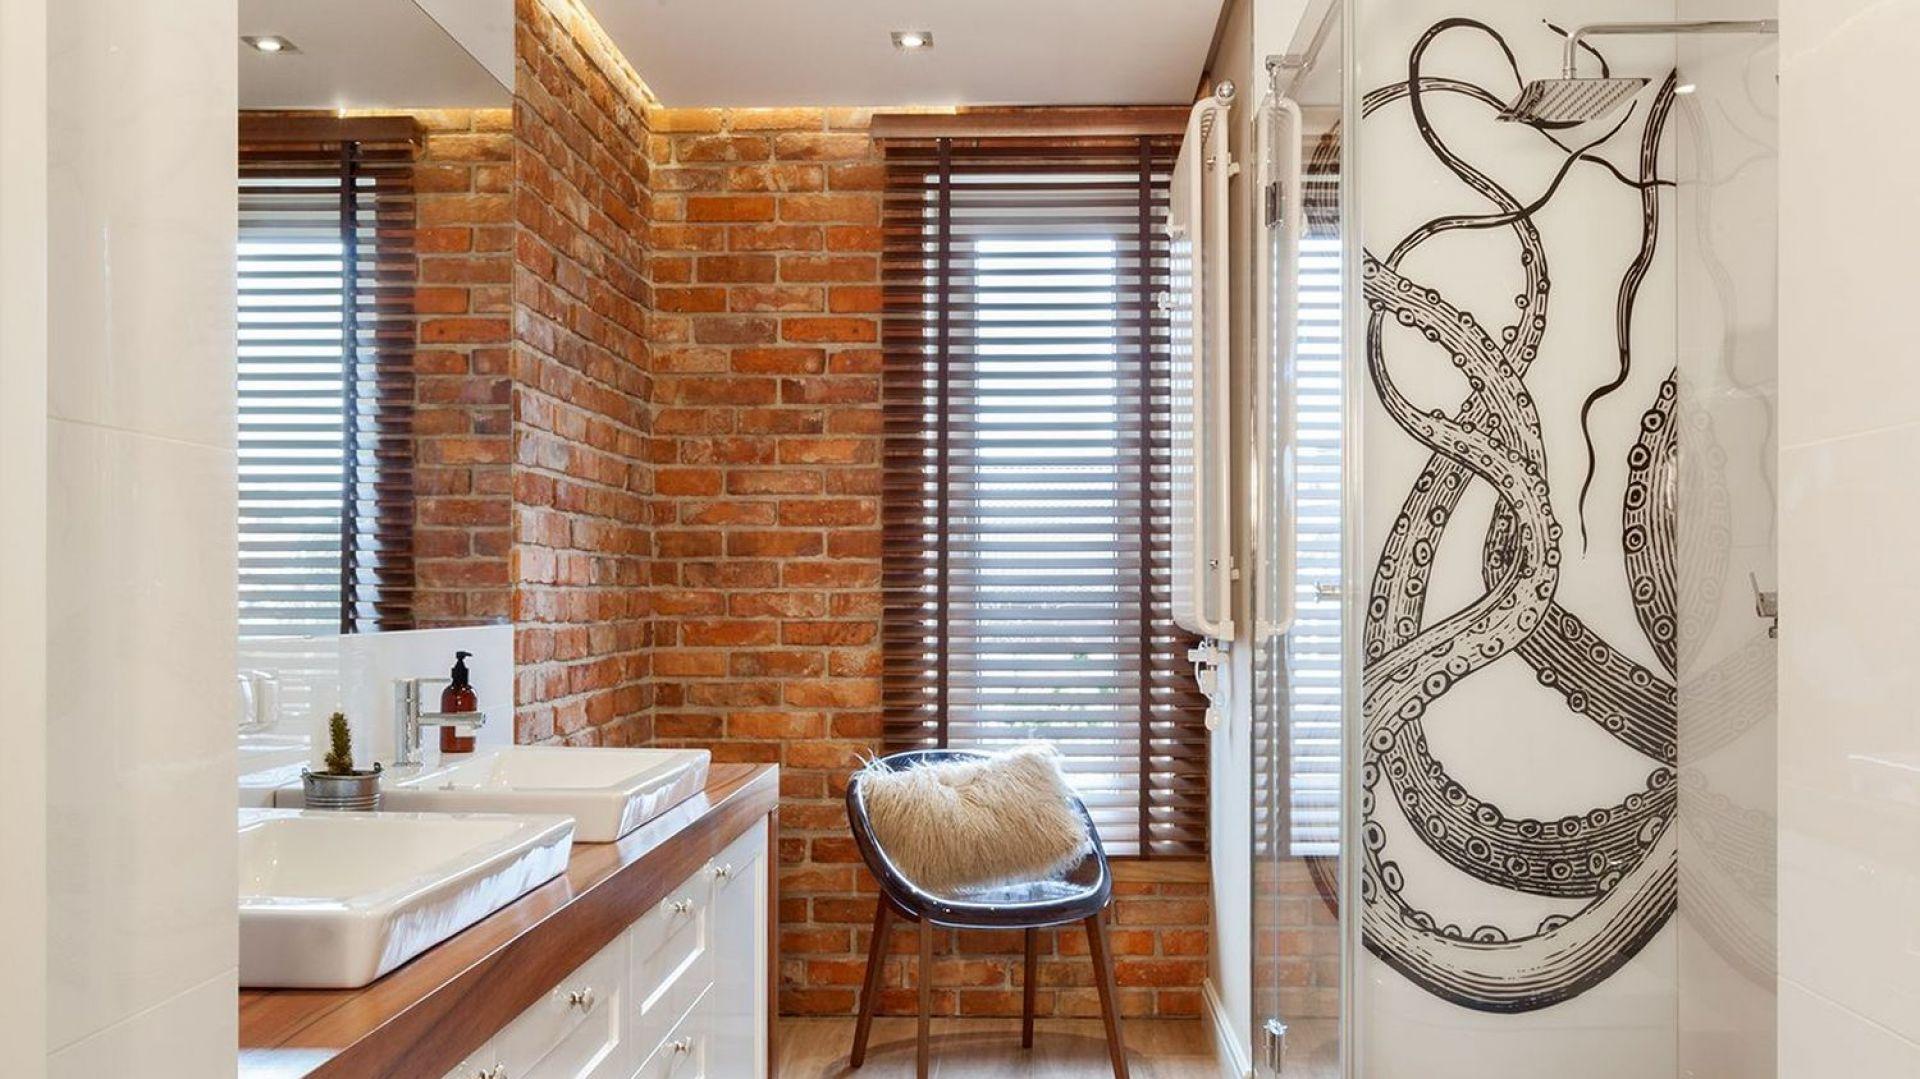 Obecność strefy prysznica zaznaczono oryginalną, czarno-białą grafiką przedstawiającą... macki ośmiornicy. Projekt: Arte Architekci. Fot. Arte Architekci